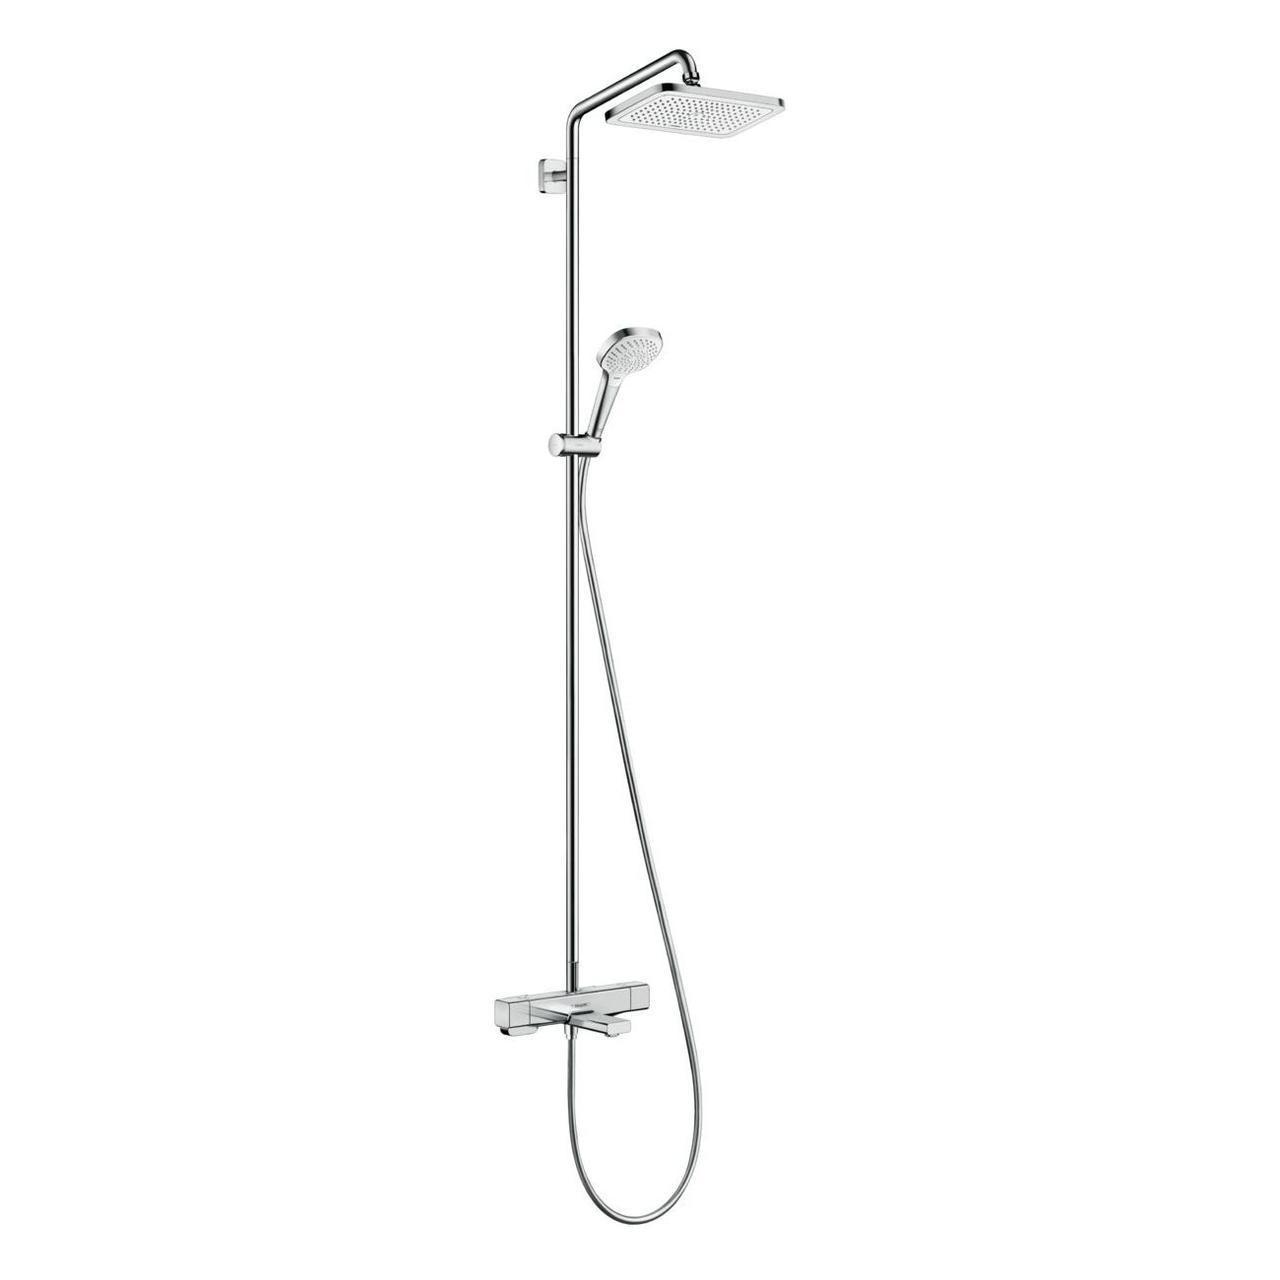 CROMA E Showerpipe душевая система 280 1jet с термостатом для ванны, хром